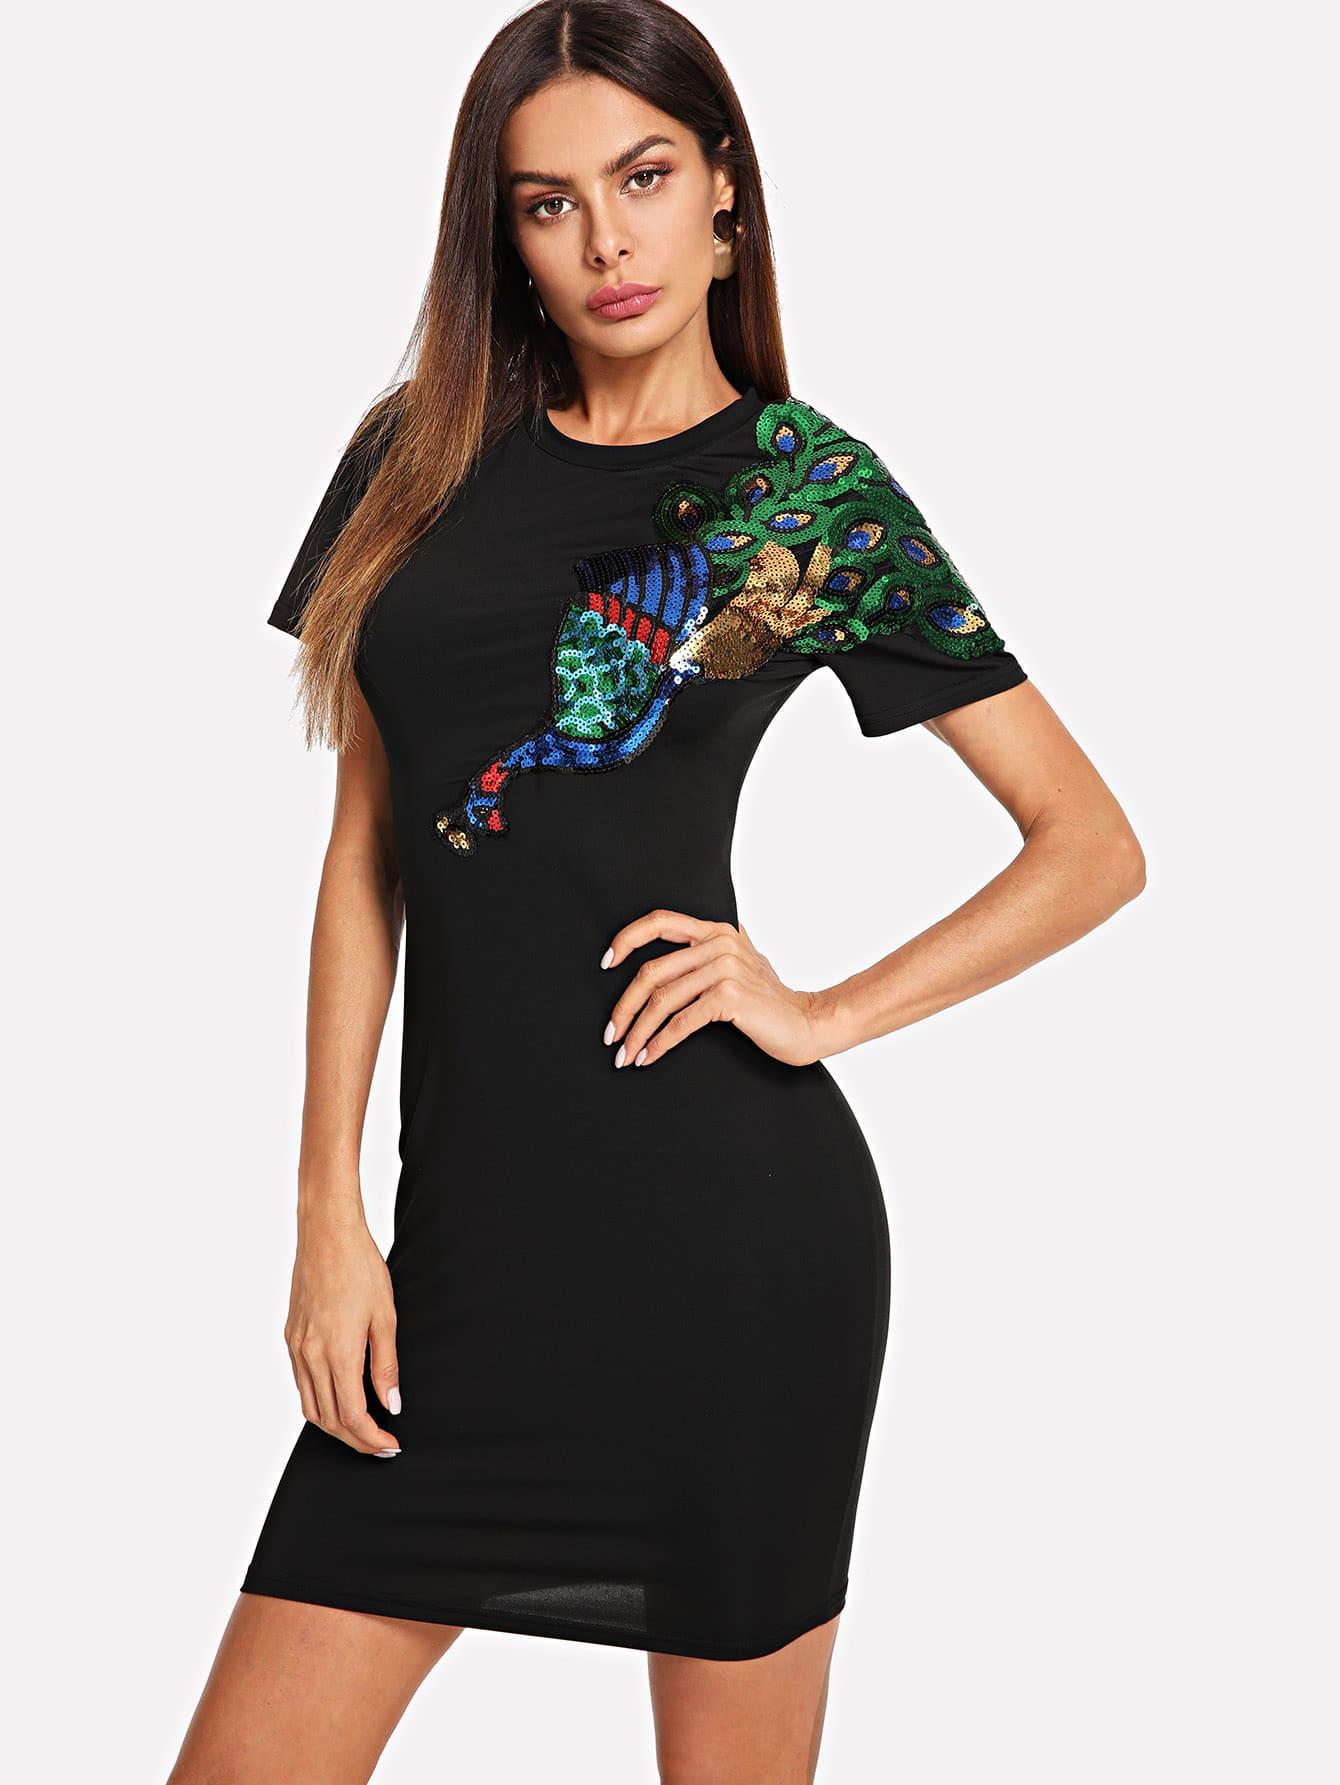 Купить Платье с круглым воротником и со симметрическими фольгами, Andy, SheIn